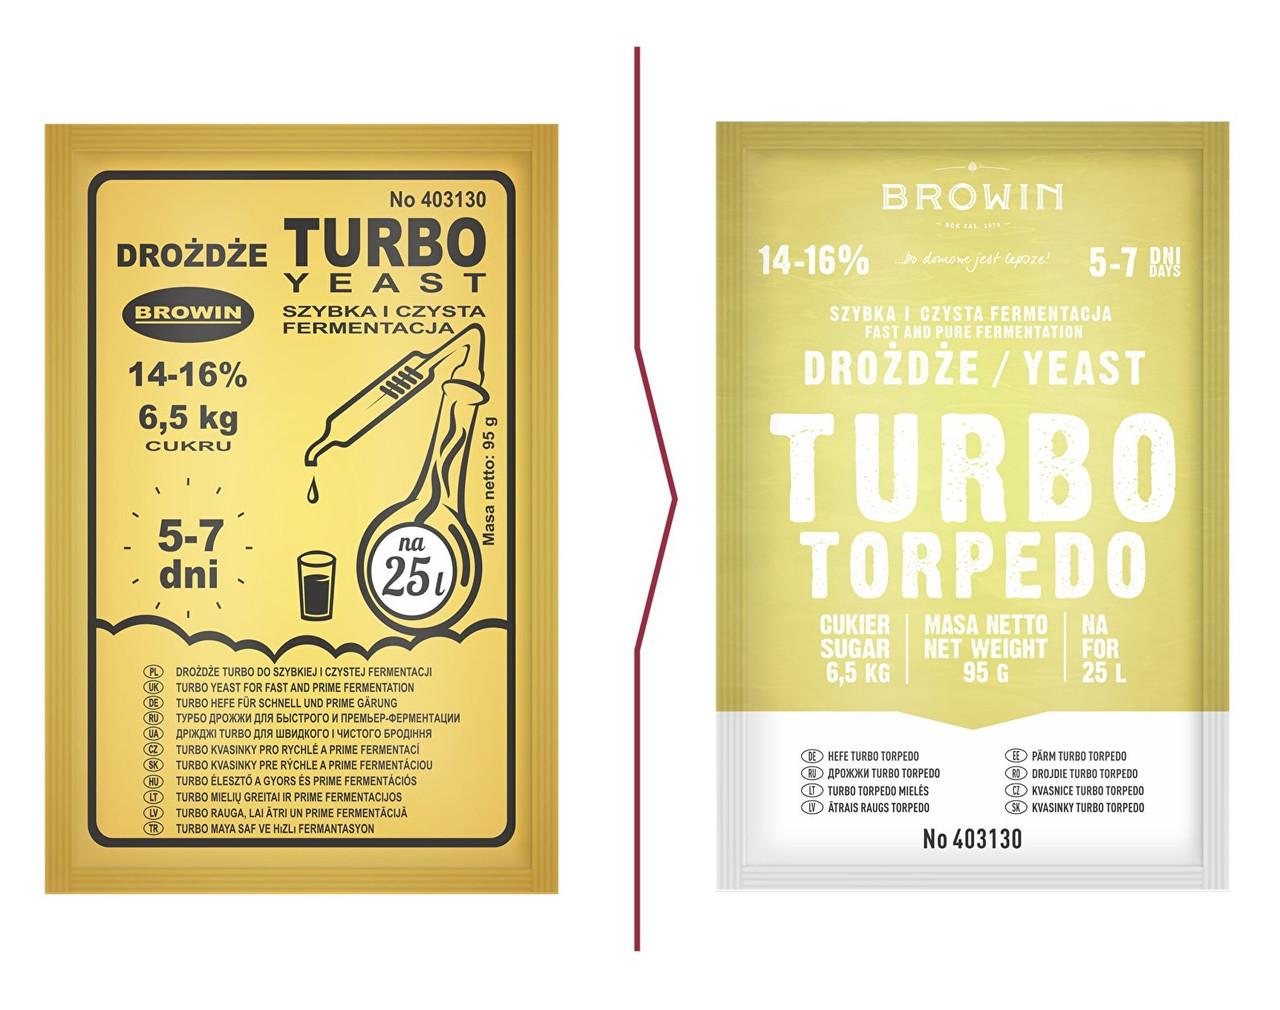 Дріжджі Turbo TORPEDO 5-7 днів Biowin , 95g (403130 )